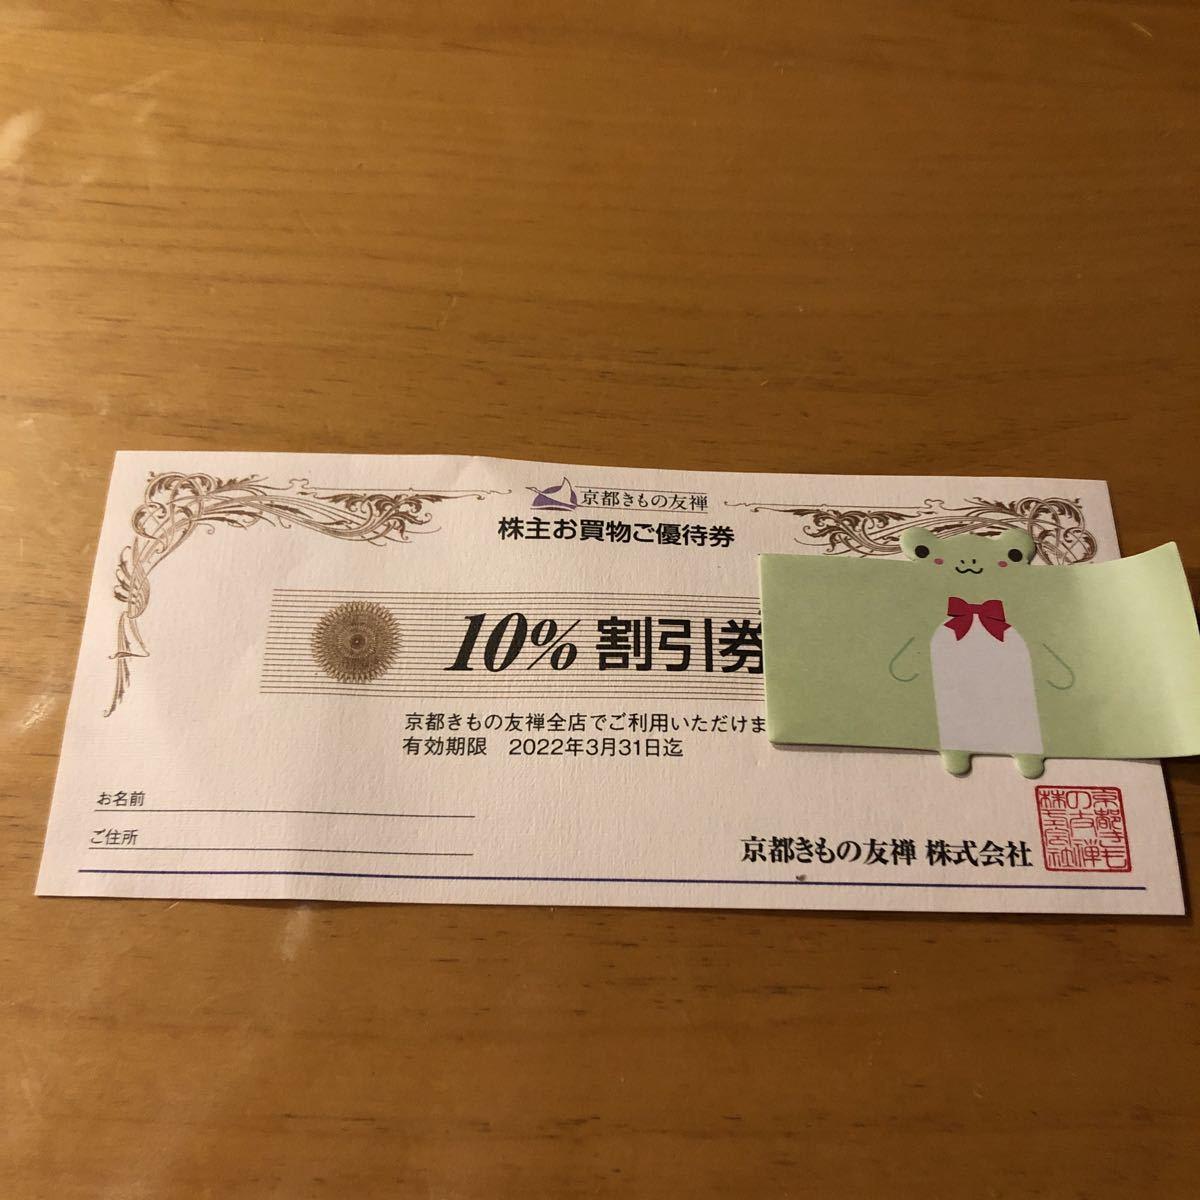 株主優待 京都きもの友禅 株式会社 株主お買物ご優待券 10%割引券 2022.3.31まで_画像1